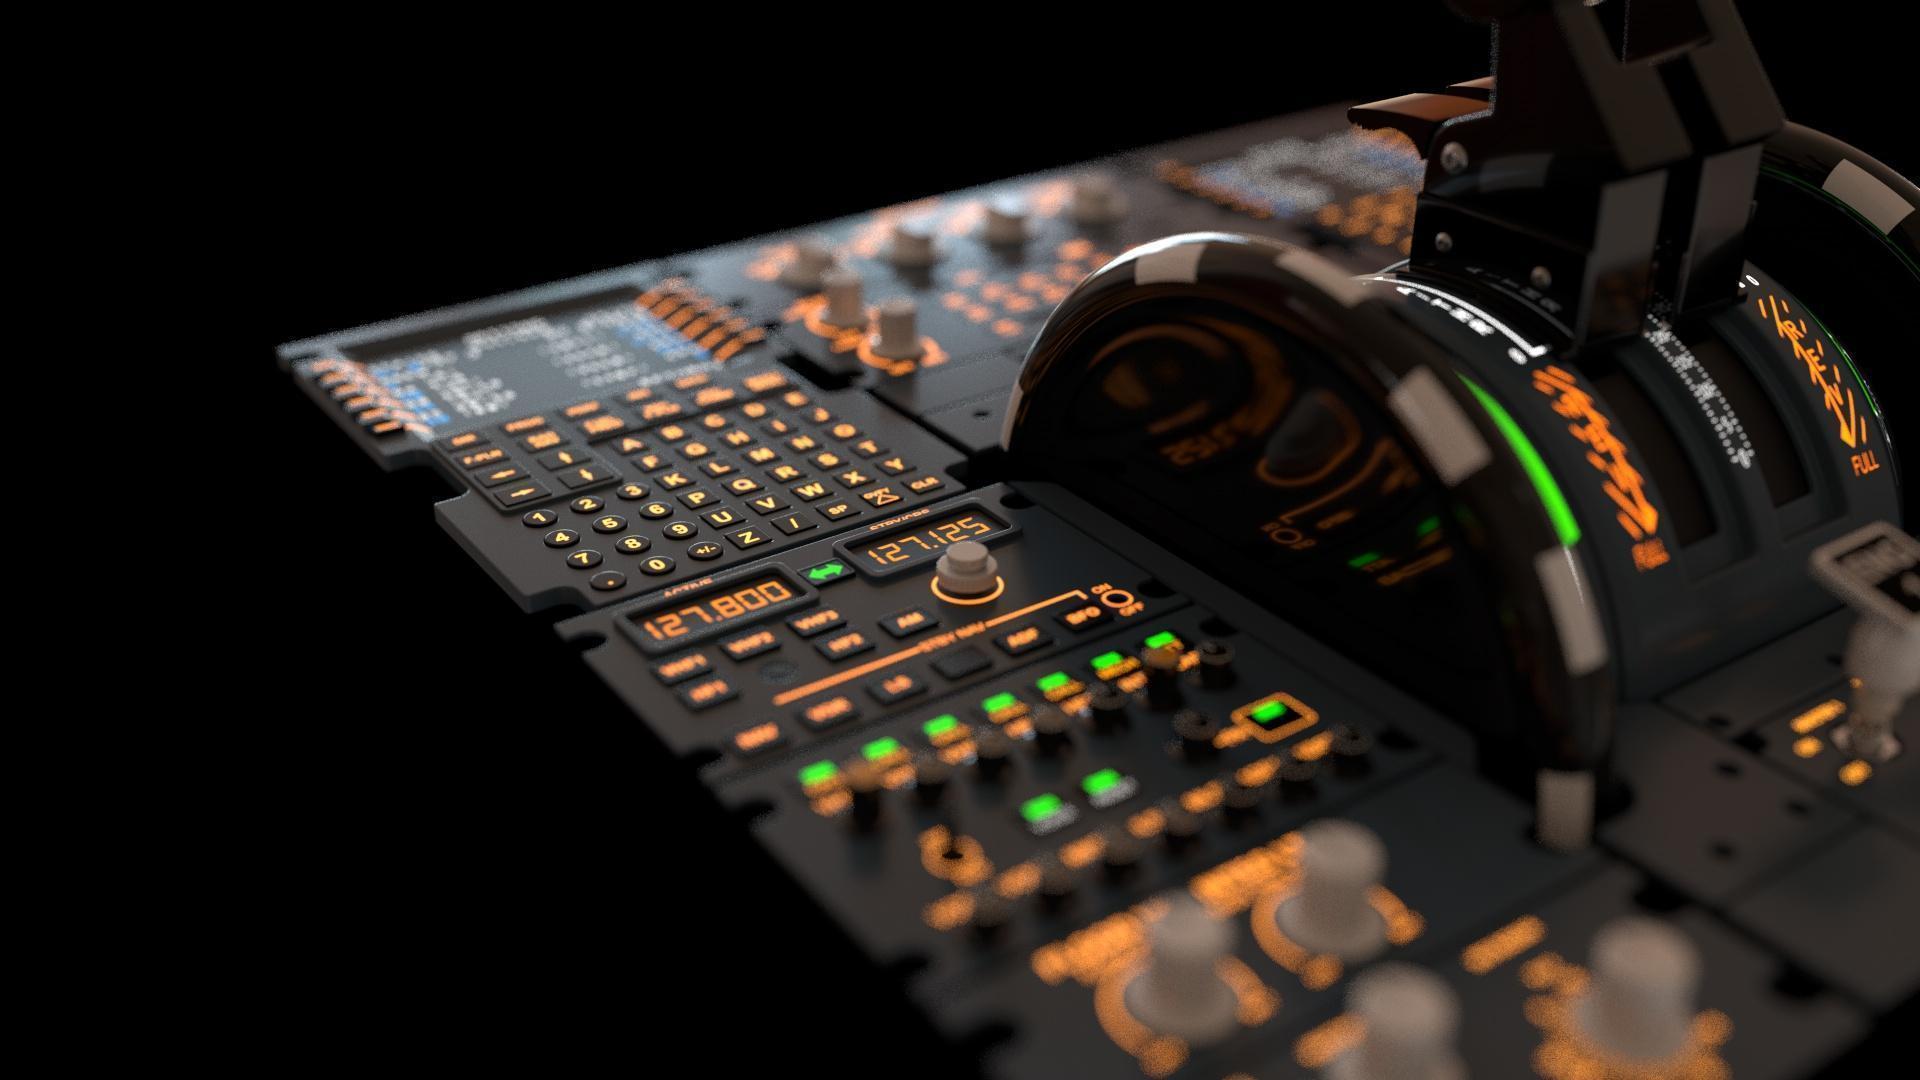 dbp14fm ce7fcf17 2055 42f2 930e 0341c917a80b Hướng dẫn cân chỉnh Throttle trên A32NX